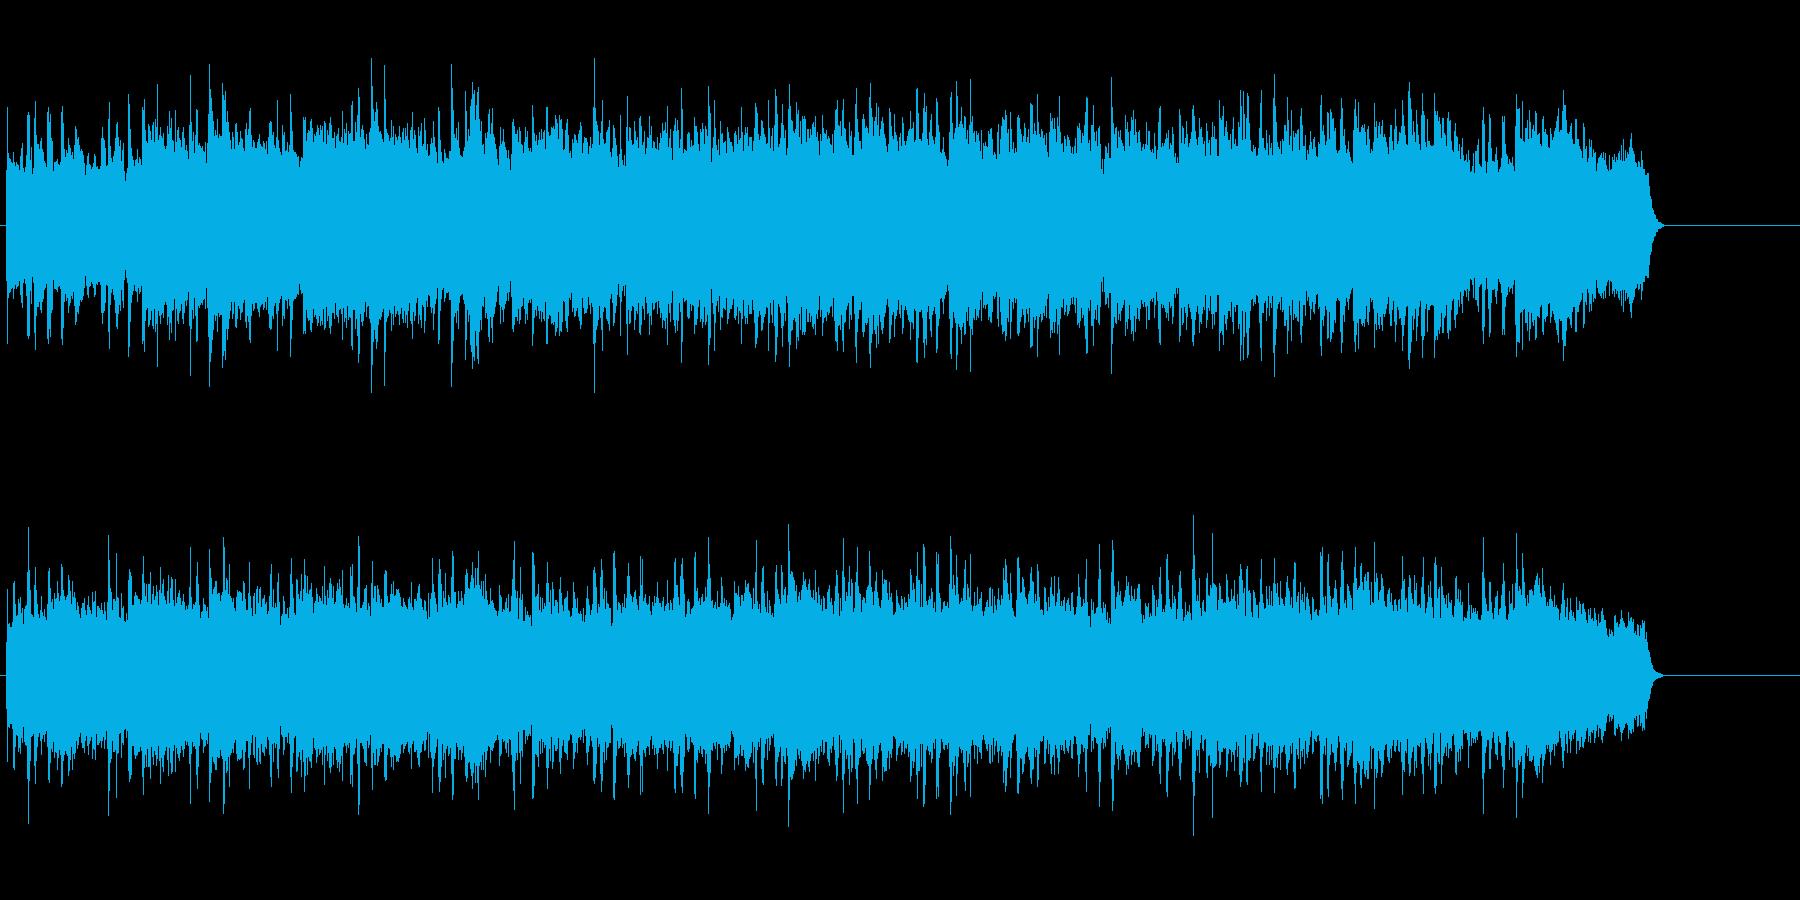 雪・クリスマスを意識したメルヘンなBGMの再生済みの波形